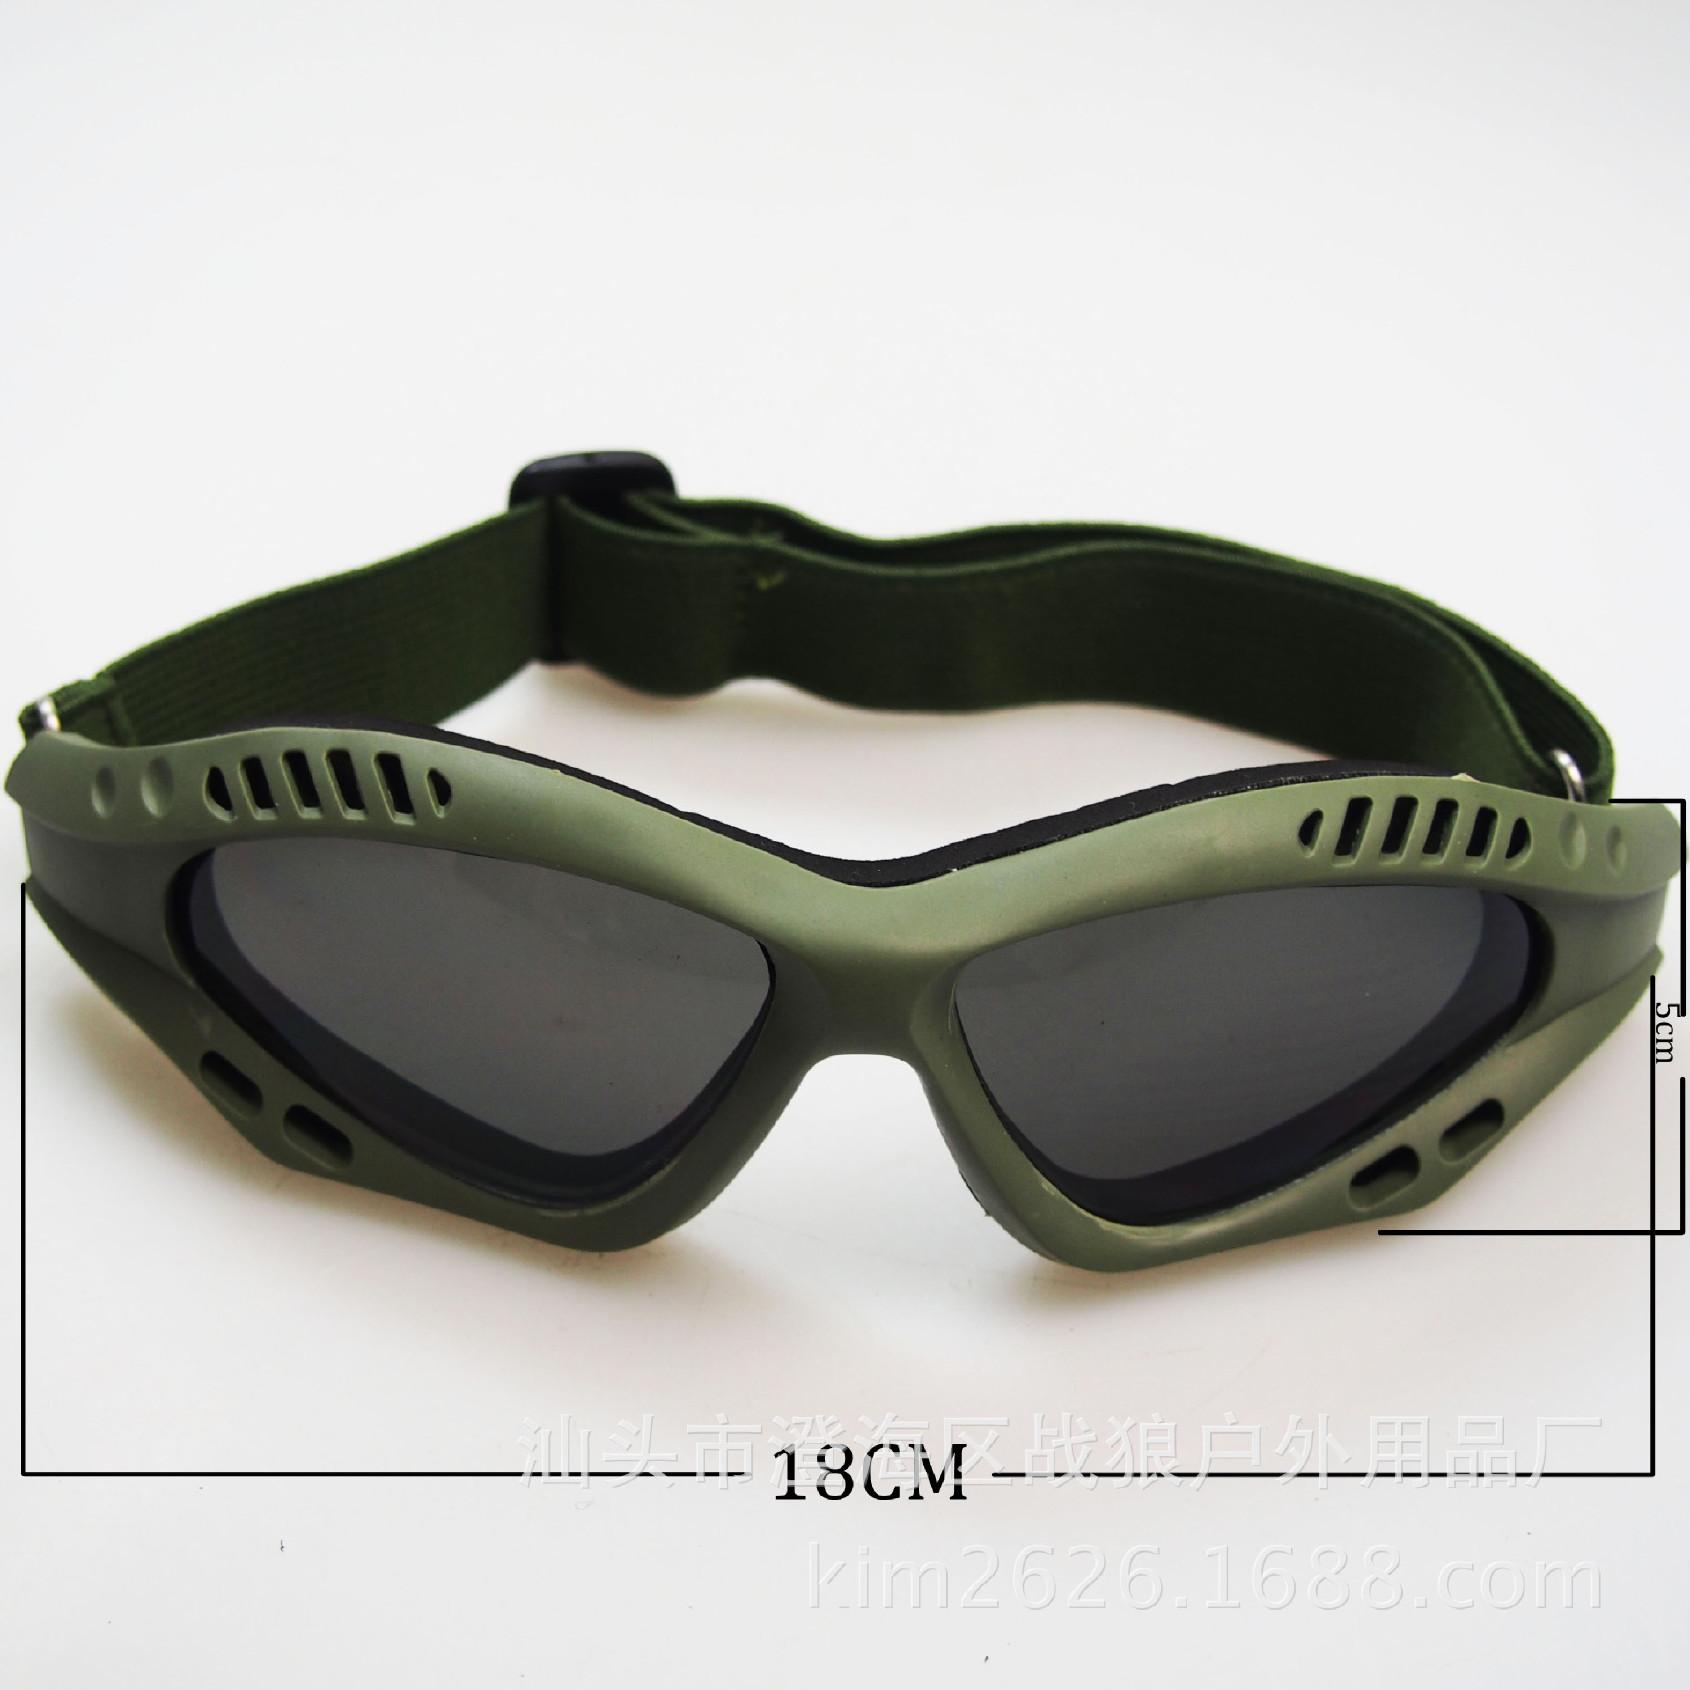 戰狼廠家直銷戶外真人CS野戰眼部防護眼鏡外貿風鏡戰術護目鏡